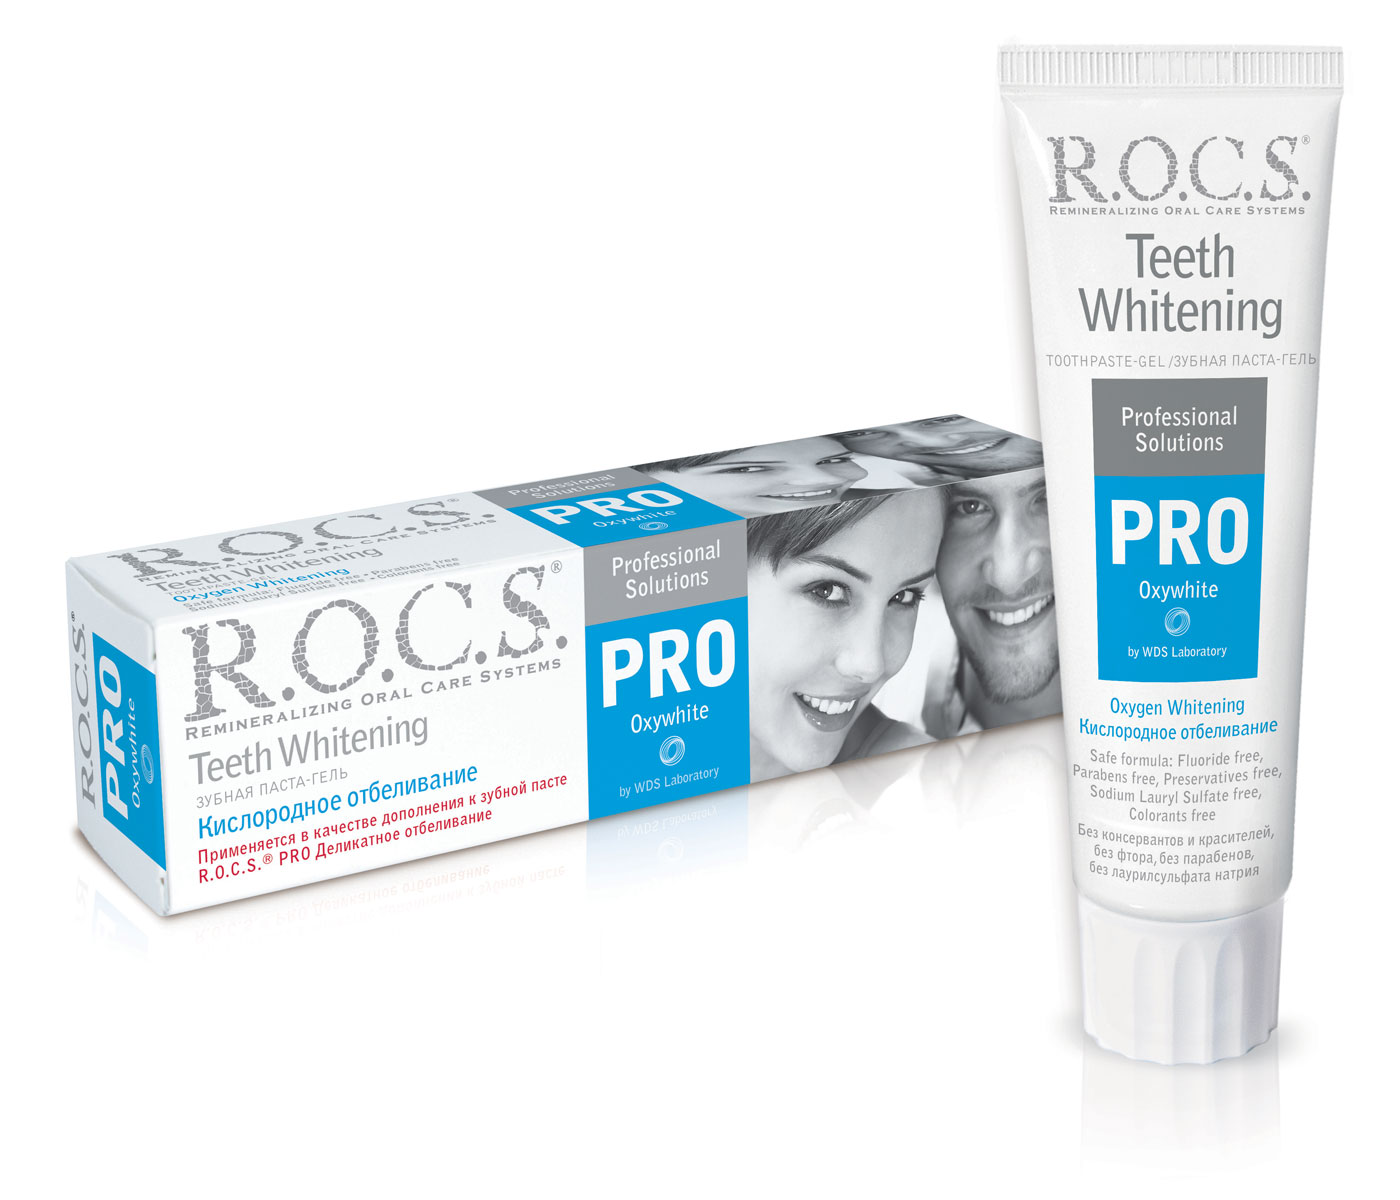 R.O.C.S. PRO Зубная паста Кислородное Отбеливание, 60 гр4630003365187Паста имеет очень низкий показатель абразивности, поэтому может применяться как с обычной, так и с электрической зубной щеткой.